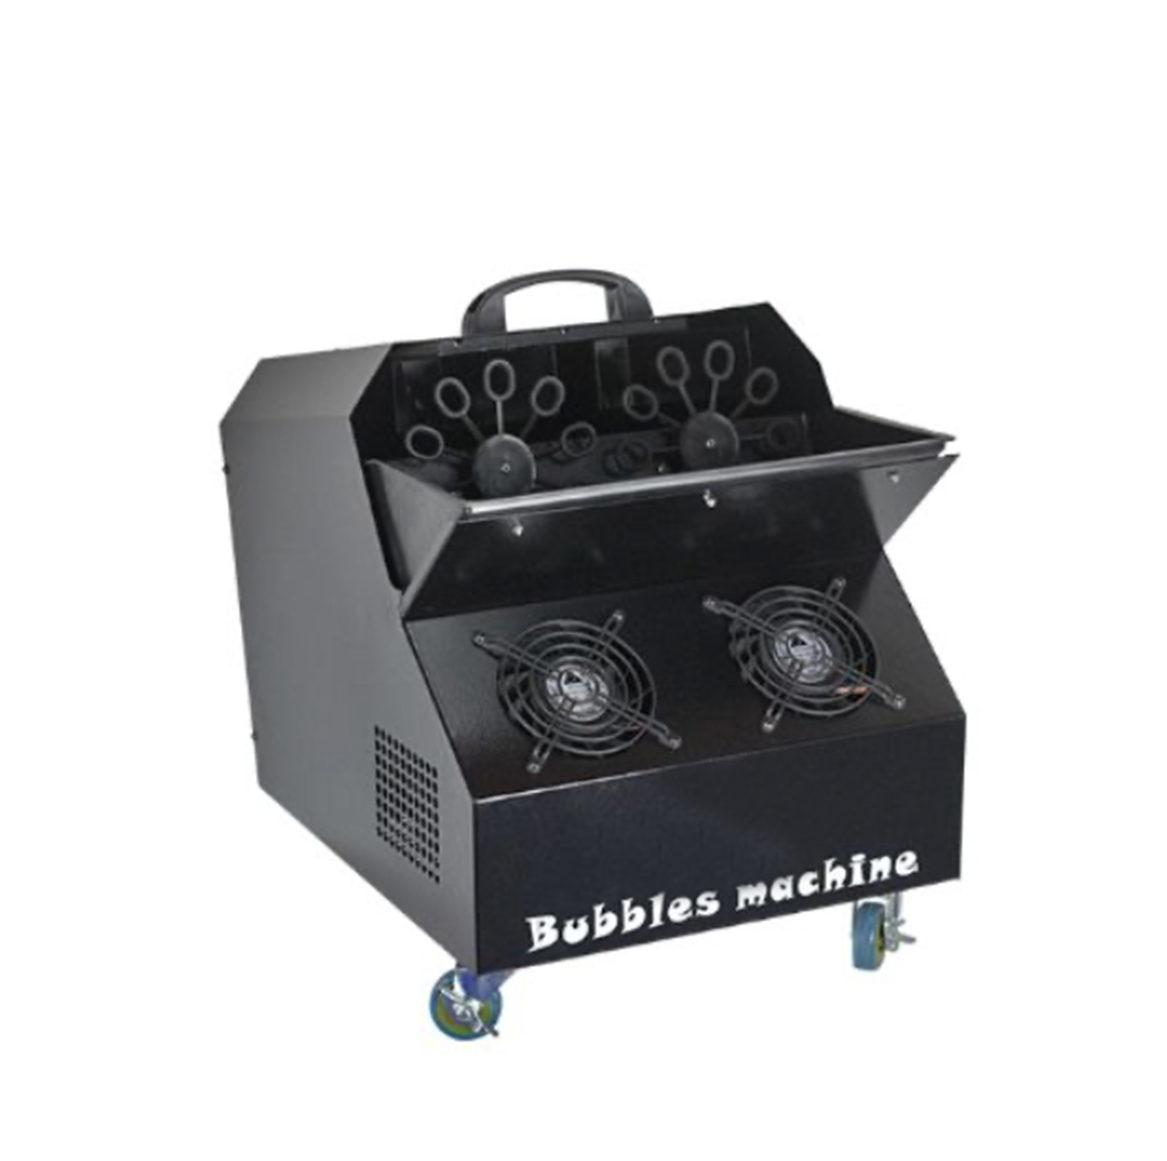 bubble-machines